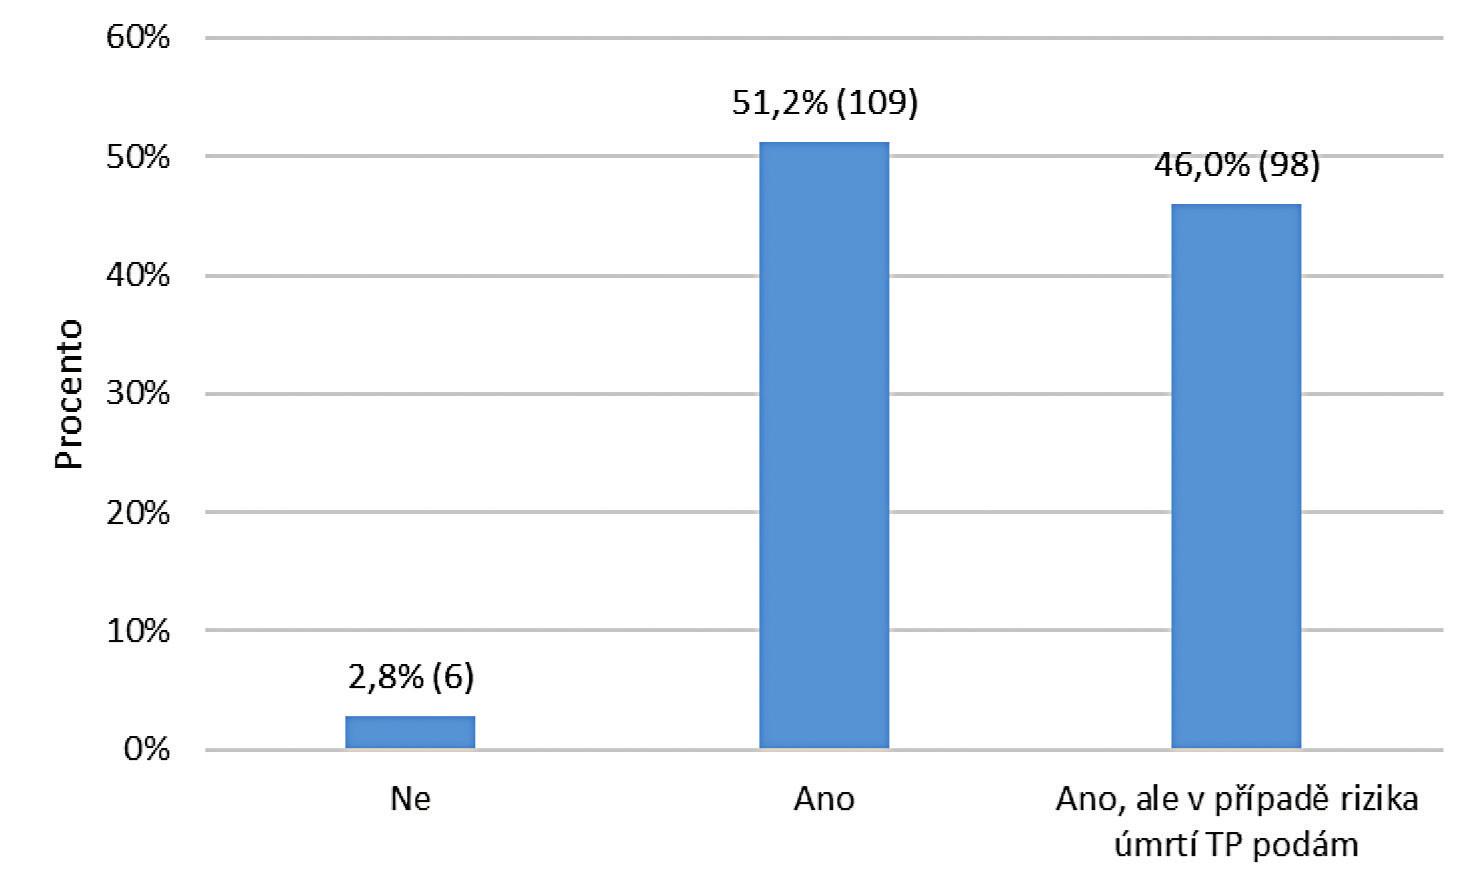 Budete respektovat negativní reverz o odmítnutí podání transfuzních přípravků dospělého pacienta v případě plánovaného výkonu s předpokladem podání transfuzních přípravků, kdy pacient přes vaše vysvětlení všech rizik trvá na svém rozhodnutí? Výsledky jsou vyjádřeny jako procenta (absolutní hodnoty).